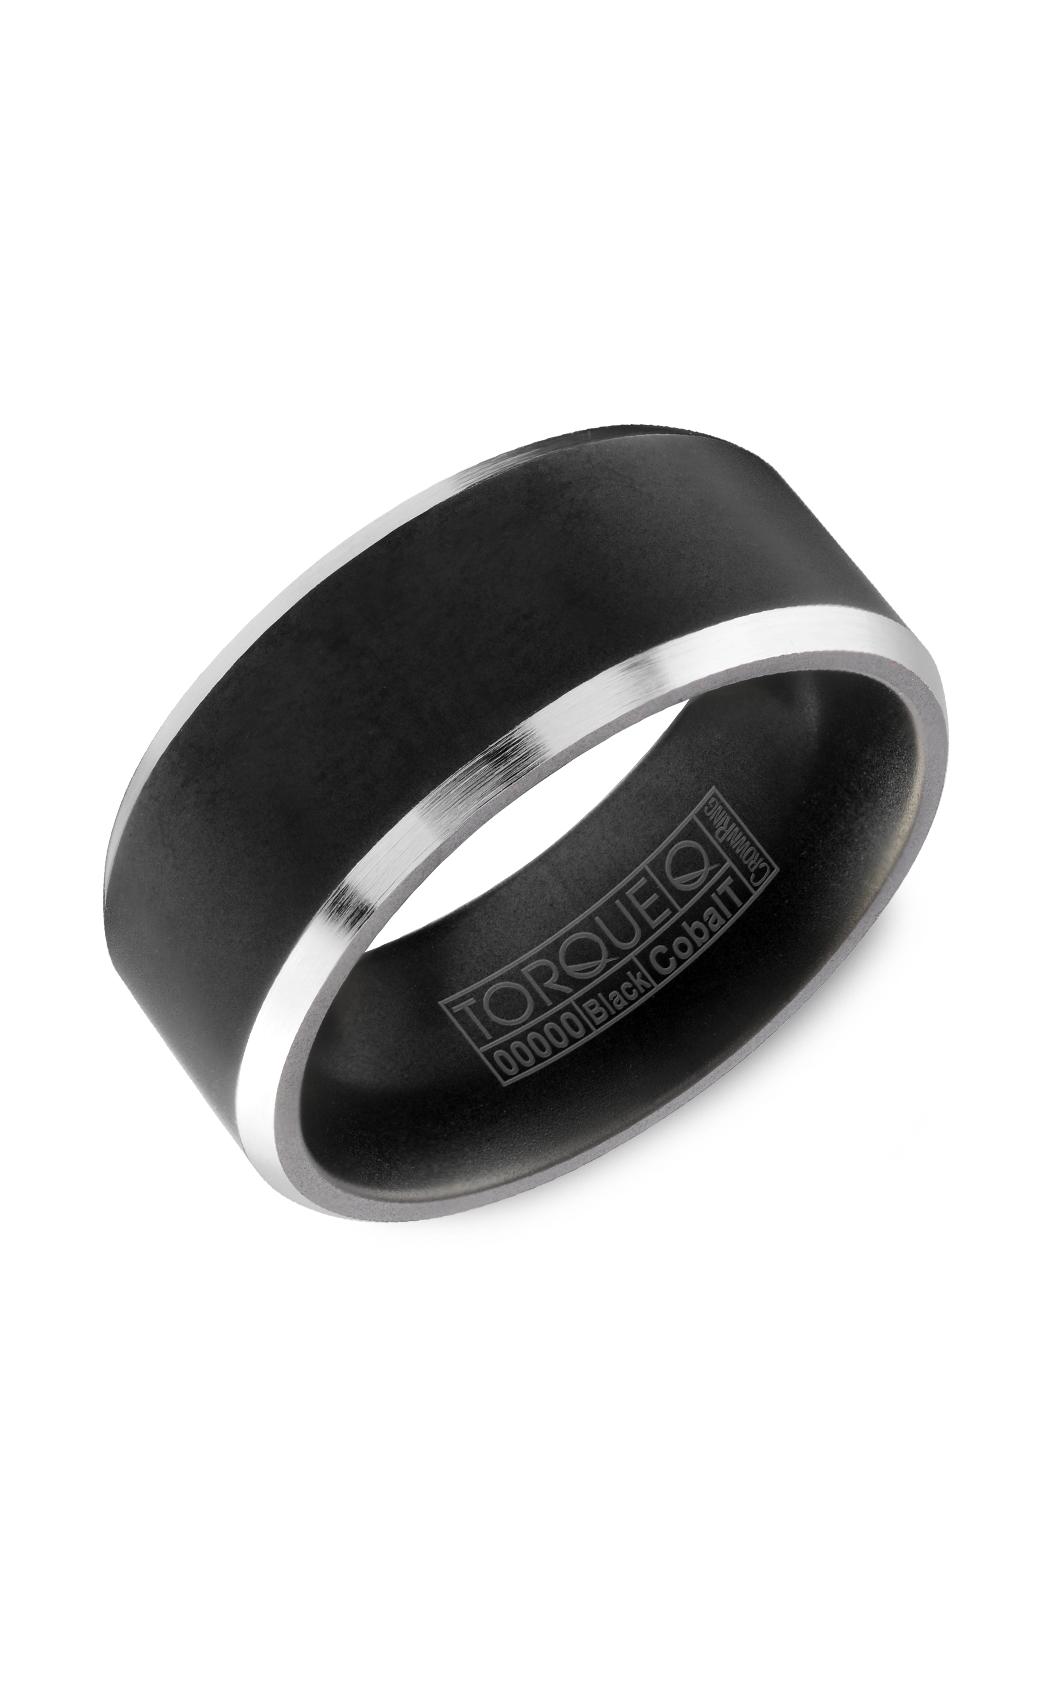 Torque Black Cobalt CBB-0003 product image